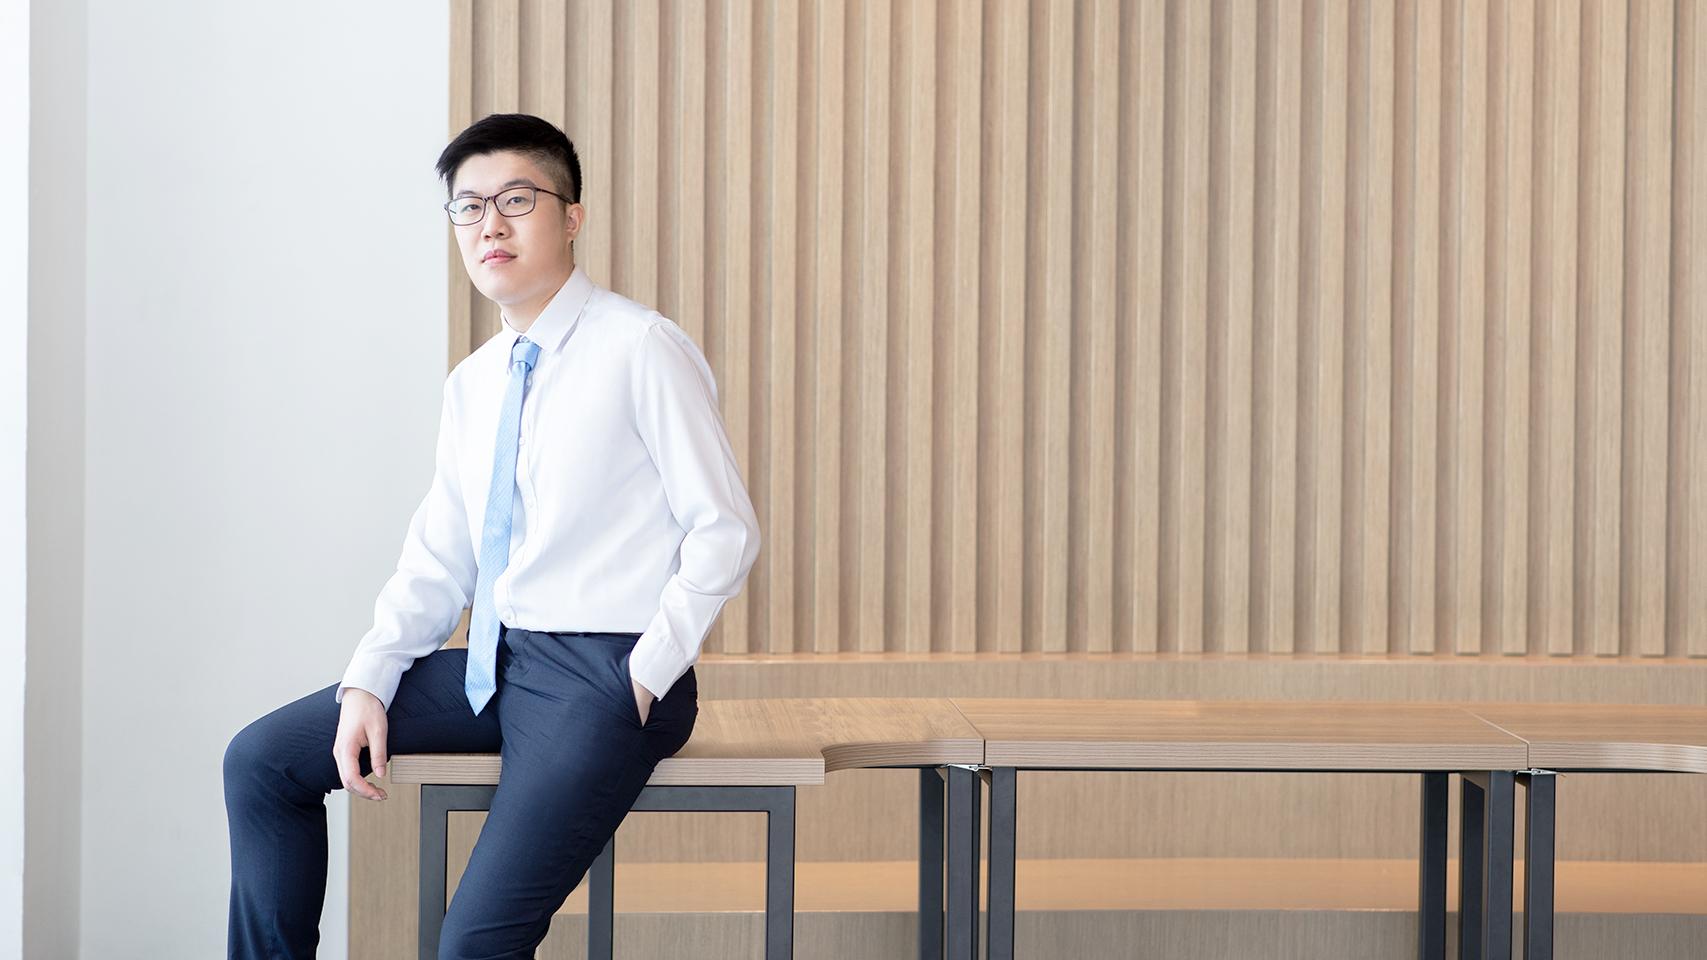 Joshua Chiu CUHK Business School